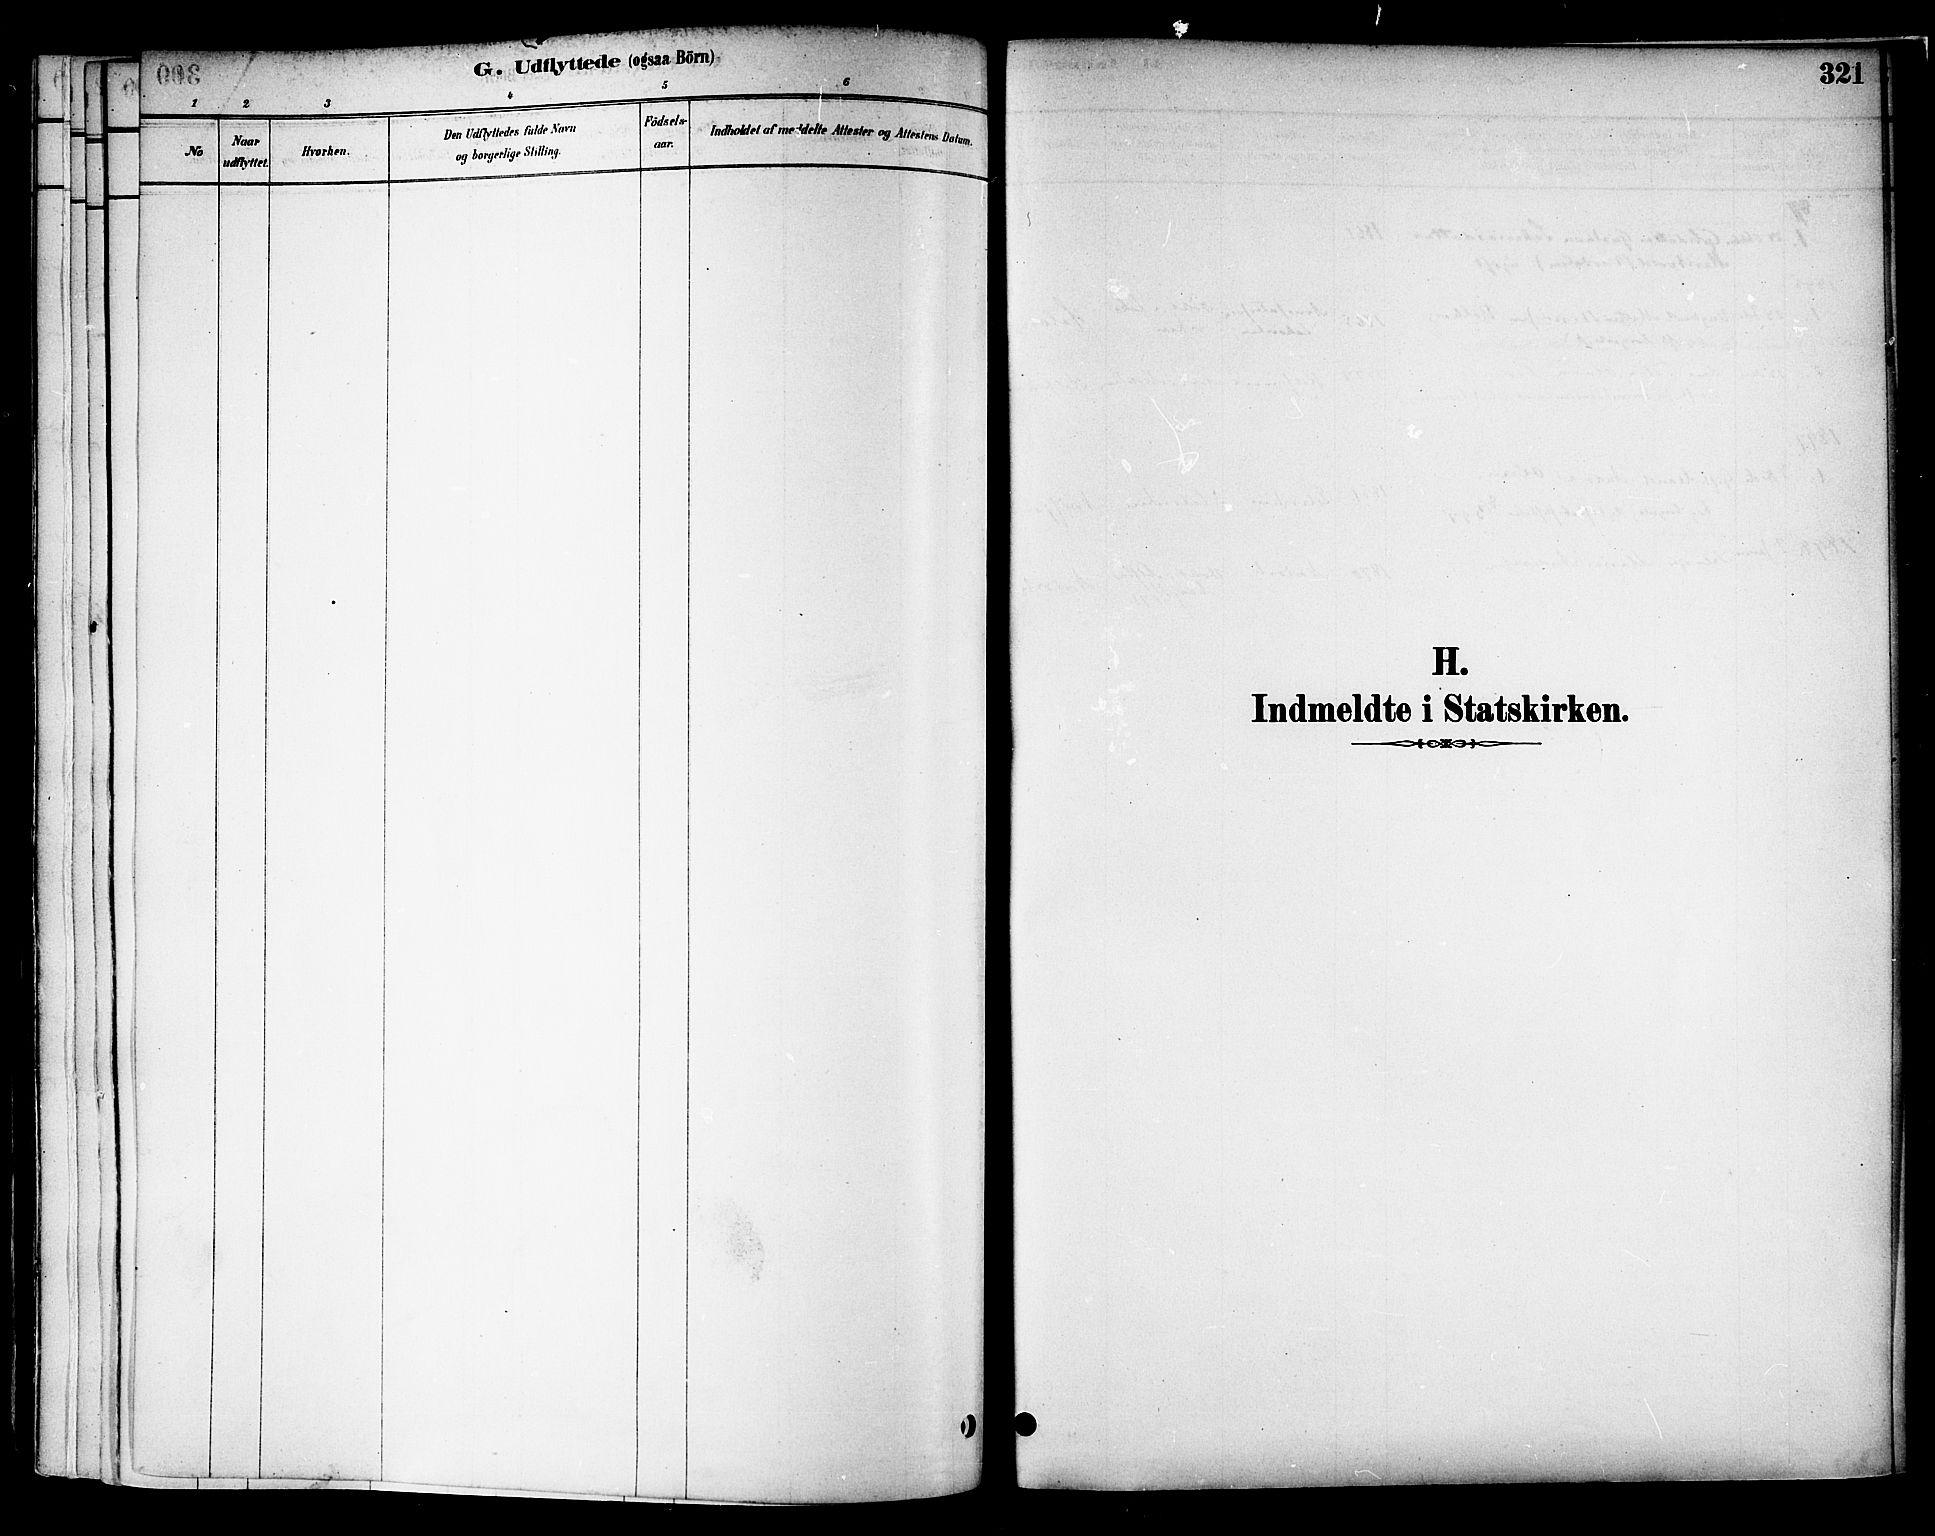 SAT, Ministerialprotokoller, klokkerbøker og fødselsregistre - Nord-Trøndelag, 717/L0159: Ministerialbok nr. 717A09, 1878-1898, s. 321